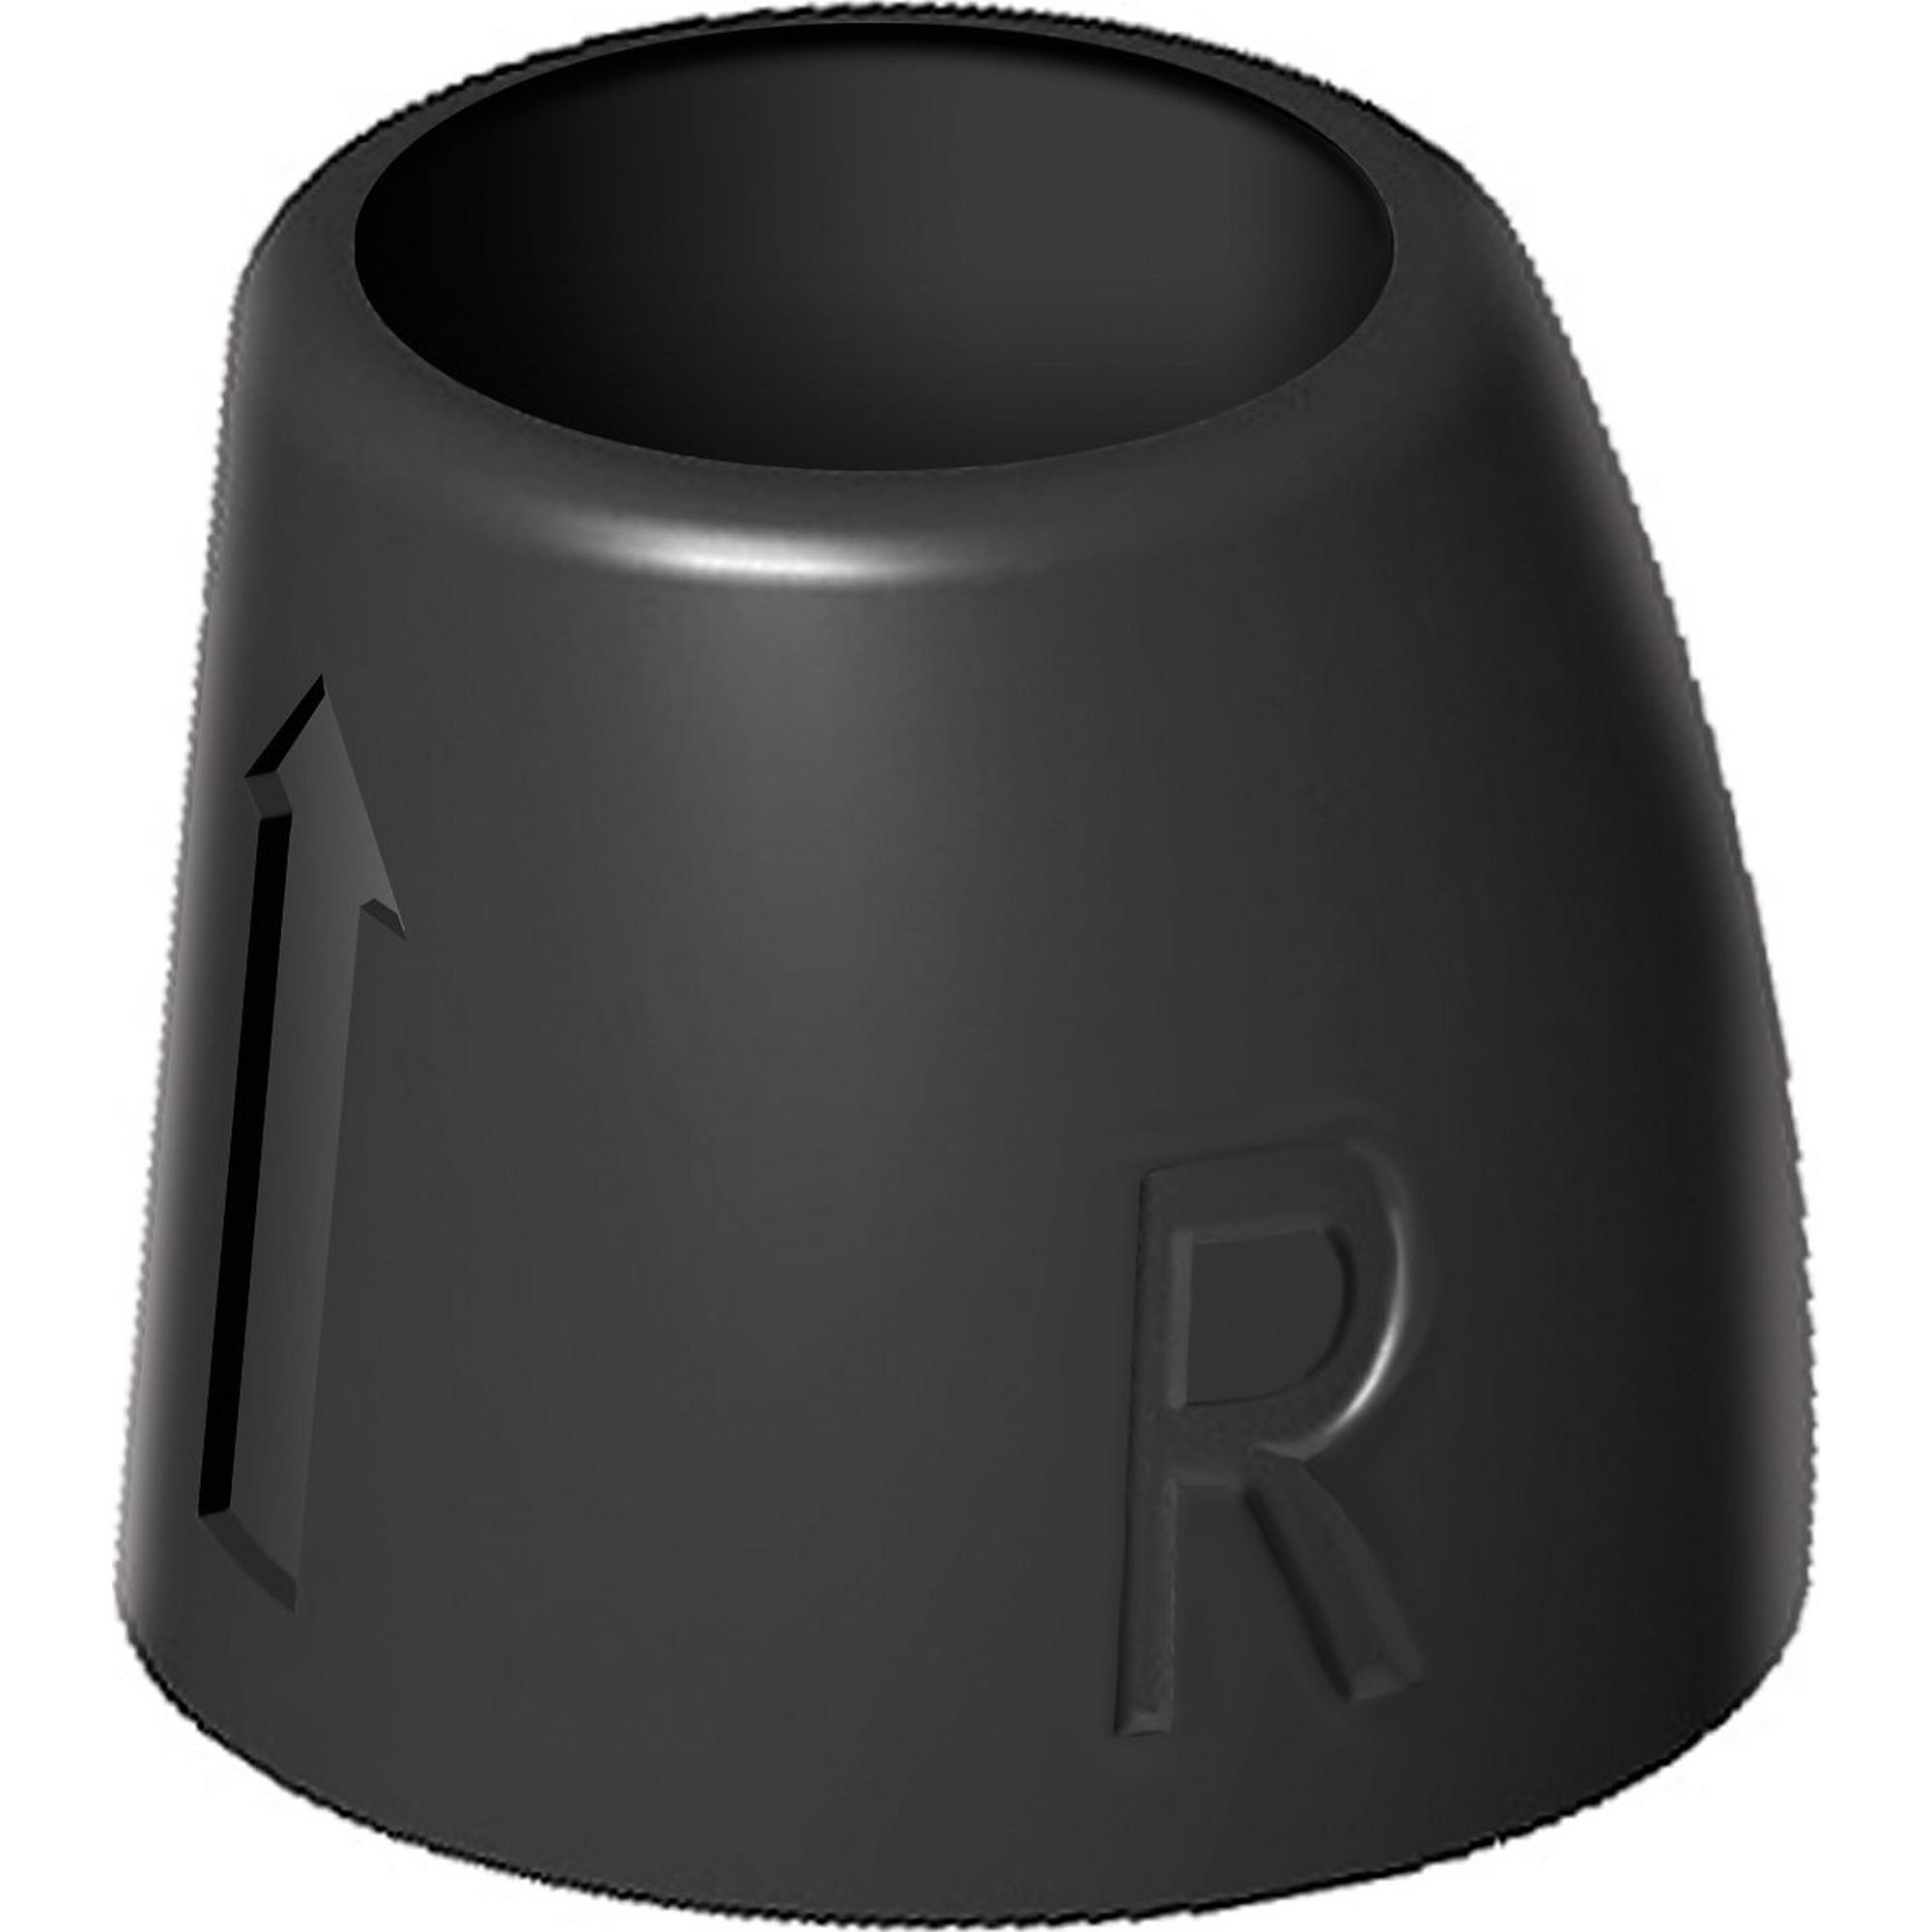 Adaptateur pour ferrule de rechange STR8-Fit